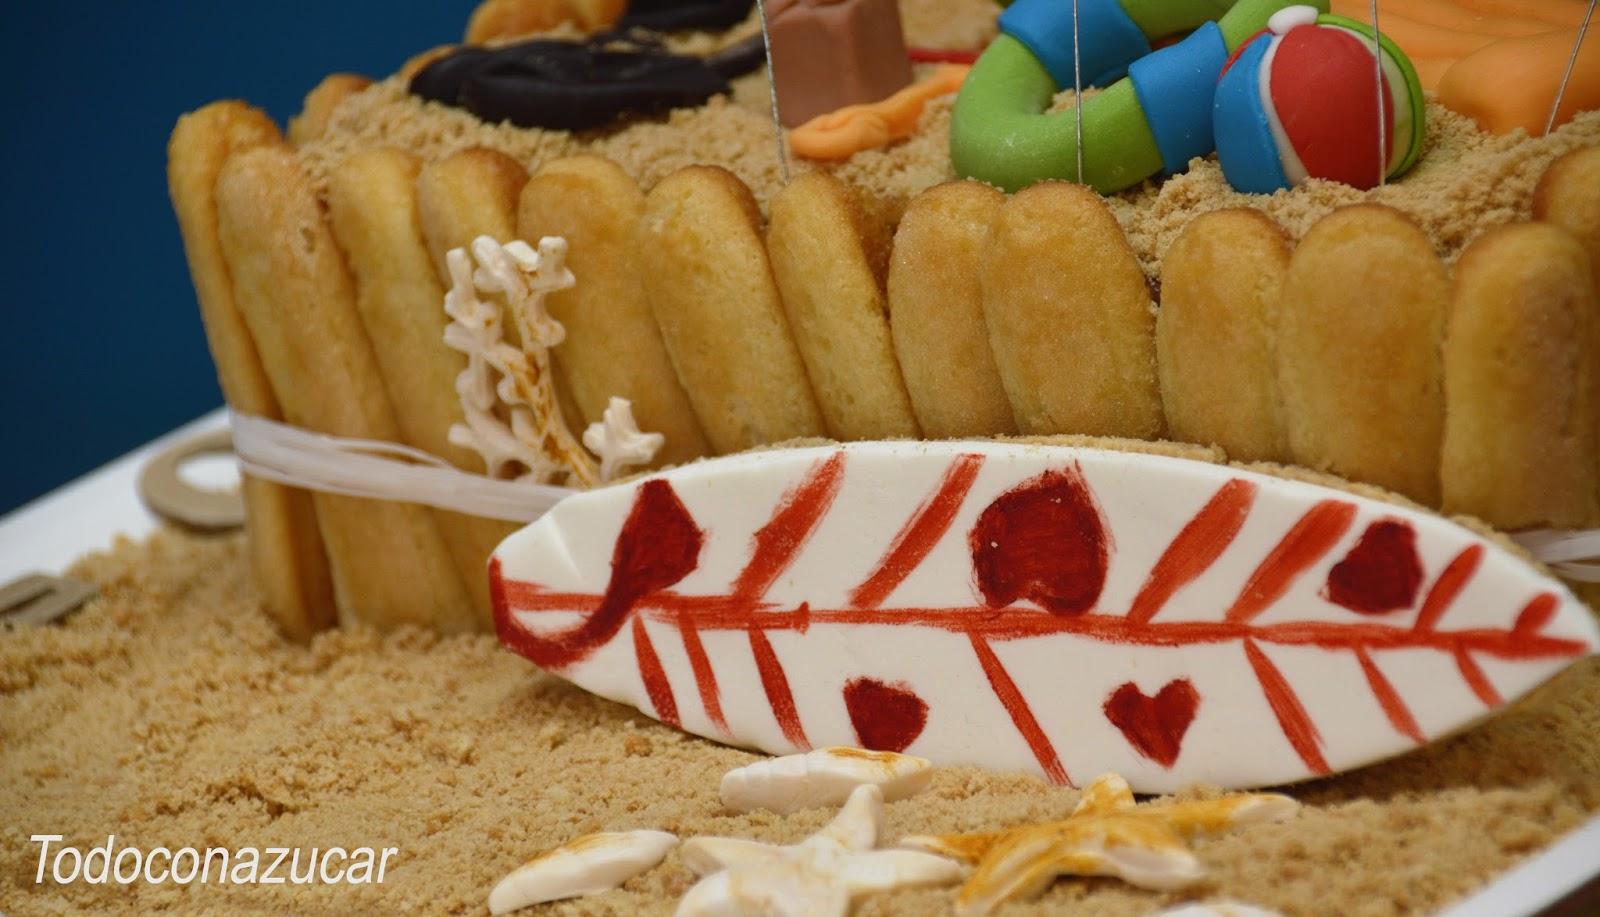 Baño Blanco De Azucar:Todo con azúcar: ¡VERANO! TARTA PLAYA O CHARLOTA A LOS DOS